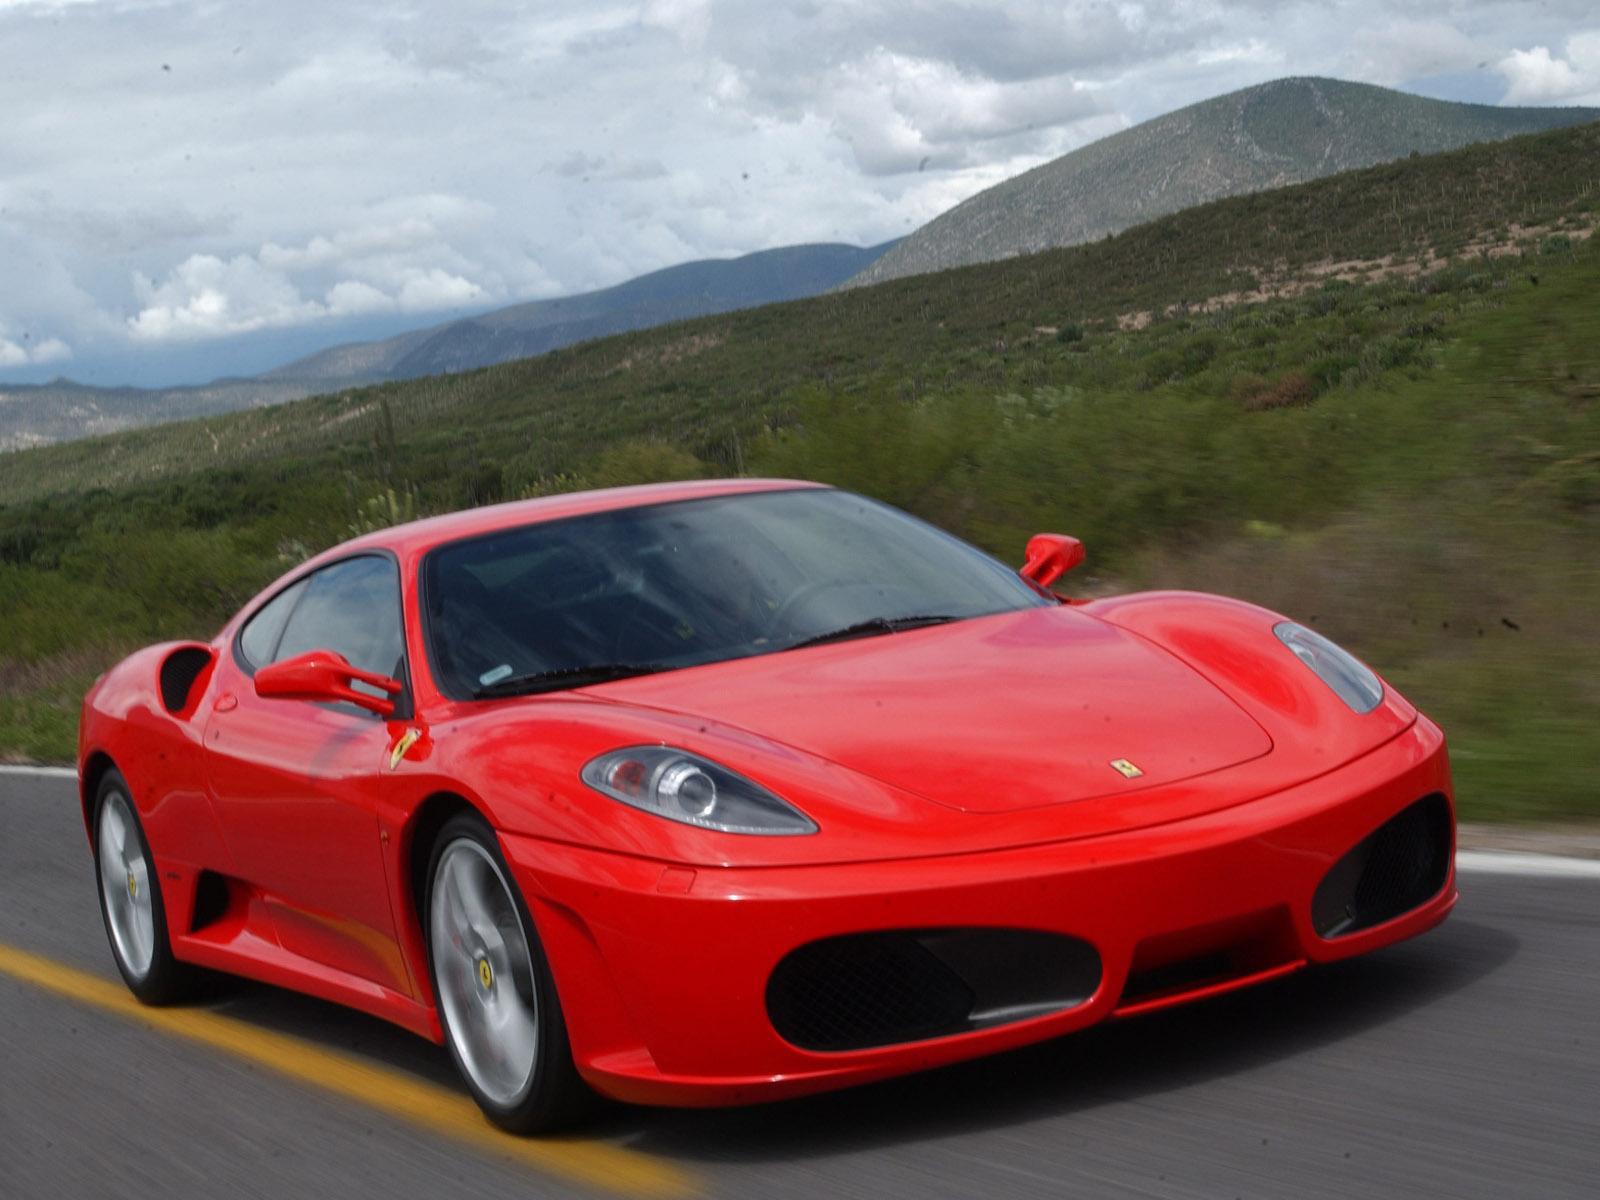 http://2.bp.blogspot.com/-IWVY5fsv7n0/UV_aqiupJWI/AAAAAAAAA7k/YAPNY6FrZgI/s1600/Ferrari+Sports+Cars+%25286%2529.jpg